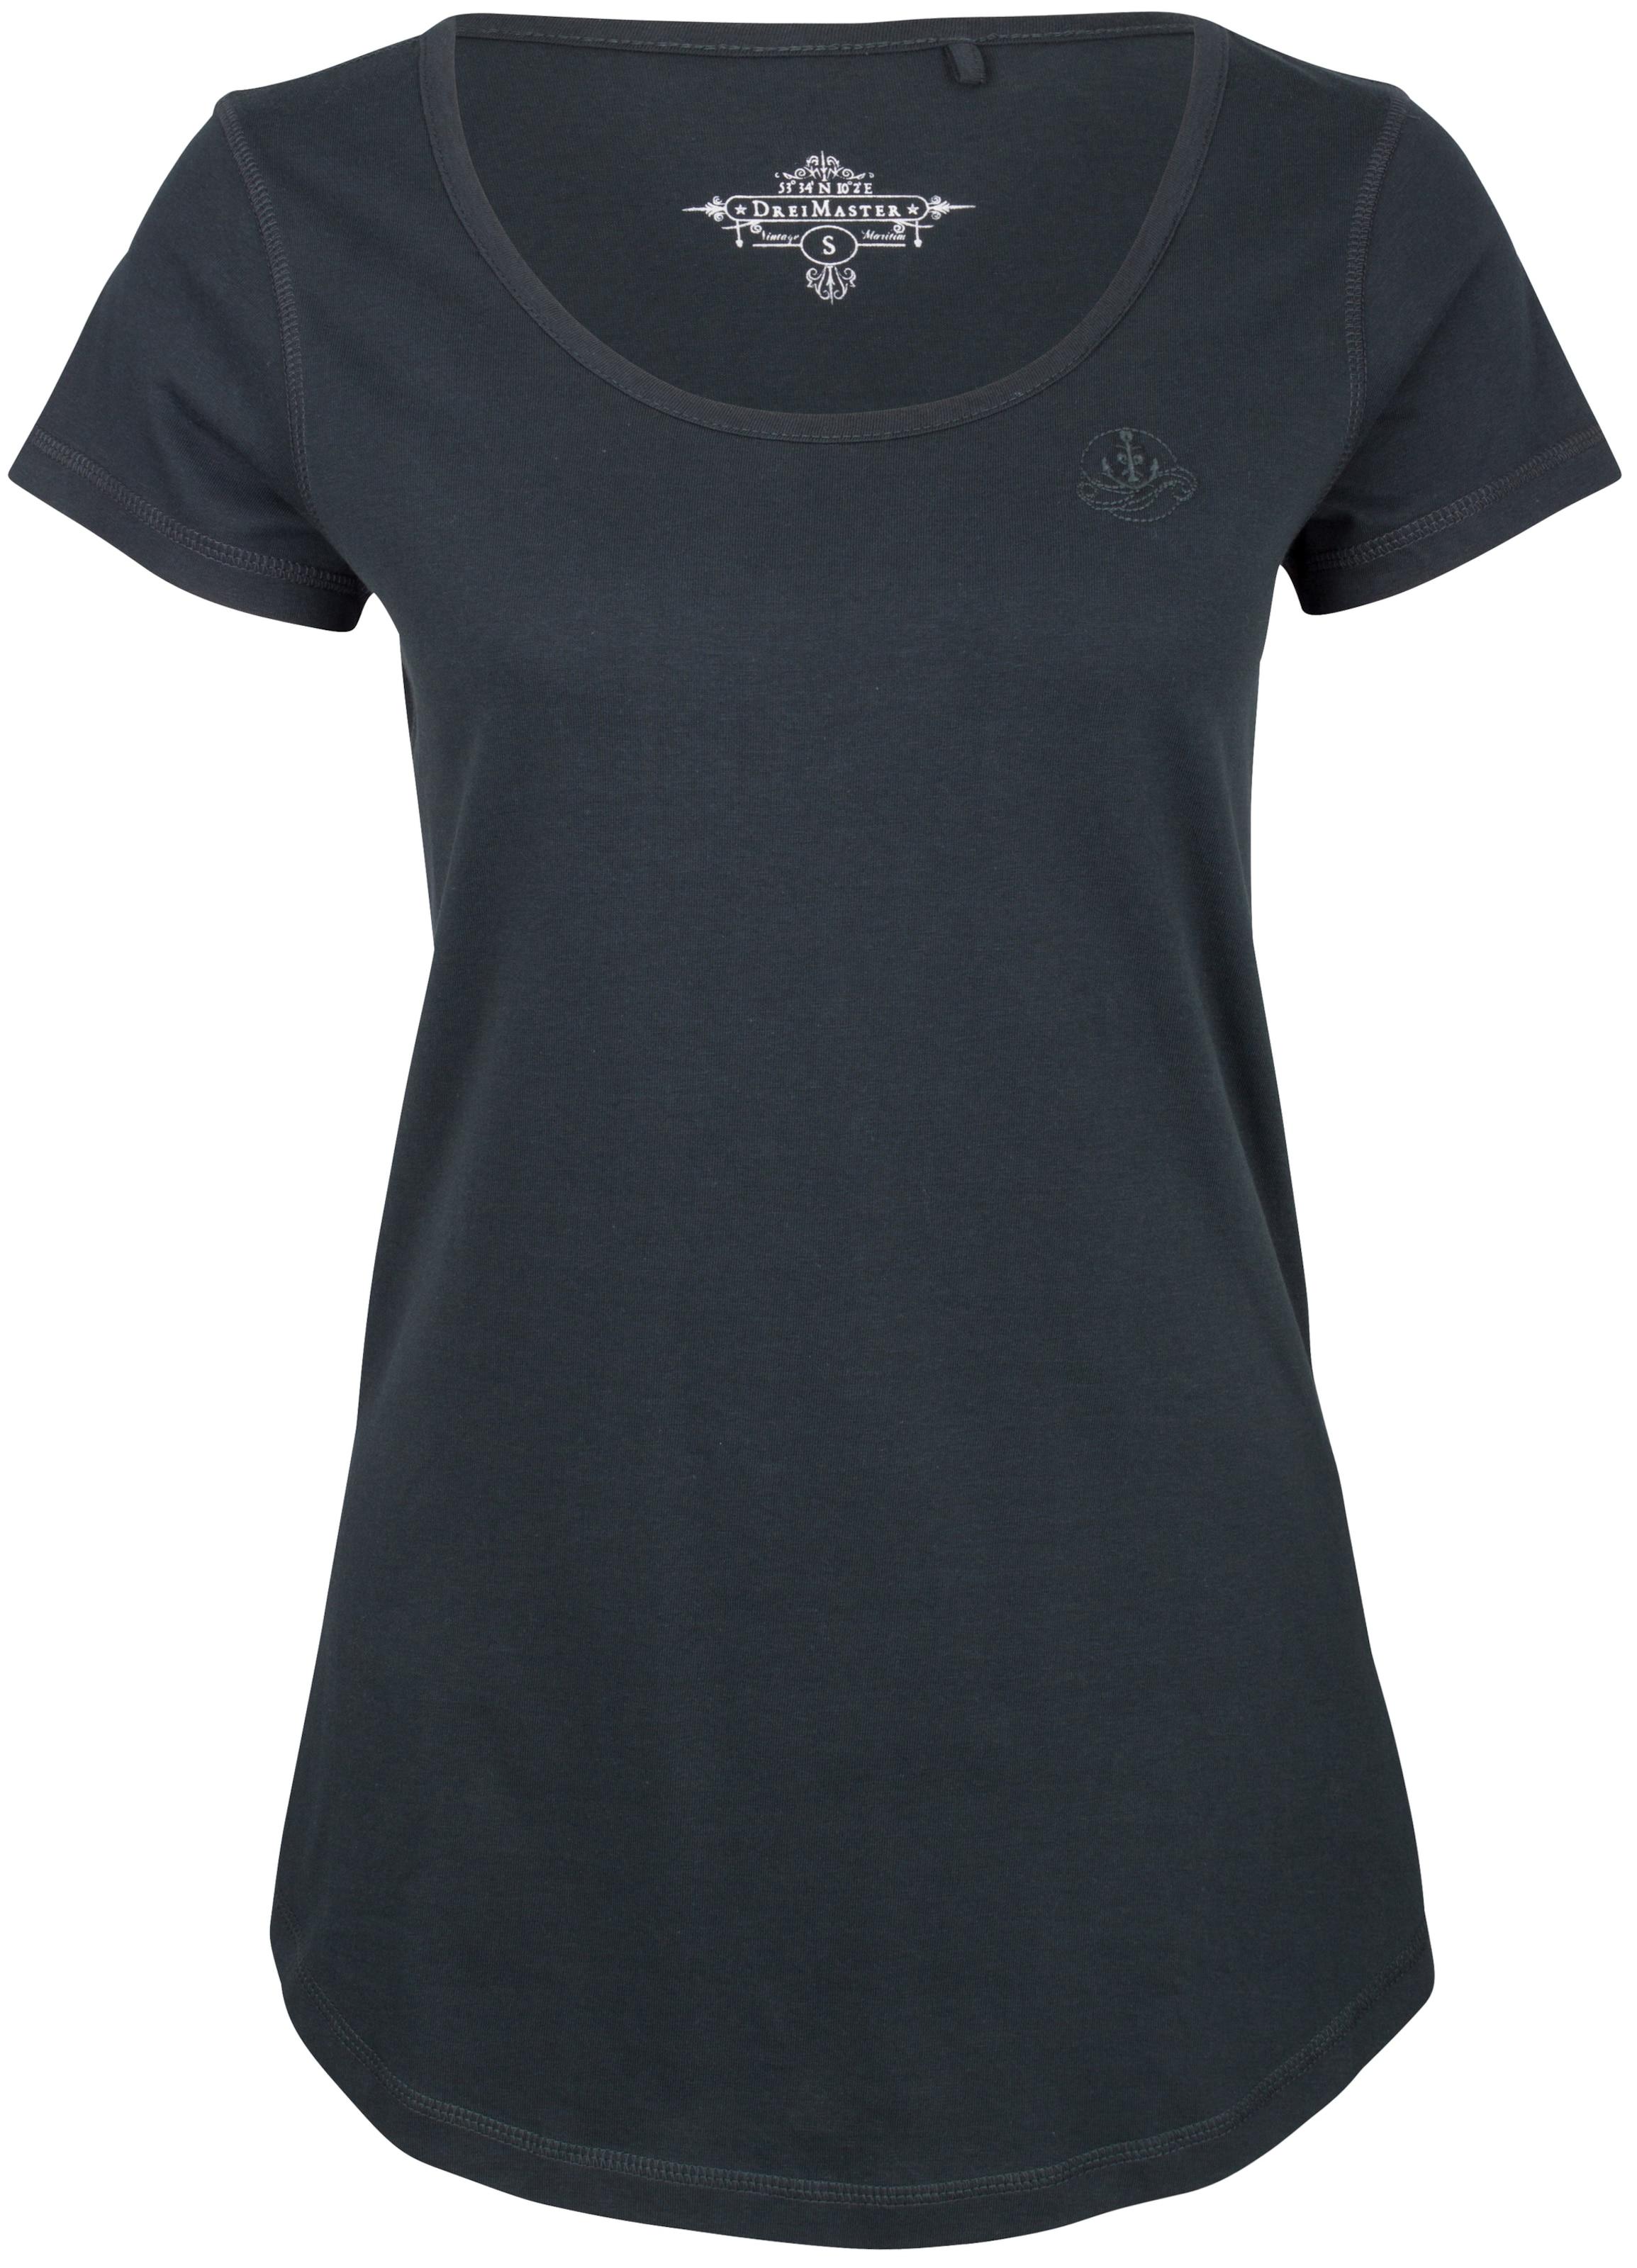 Für Schöne Günstig Online Neueste Online DREIMASTER DreiMaster T-Shirt Niedrige Versandgebühr Günstiger Preis JXdkn4